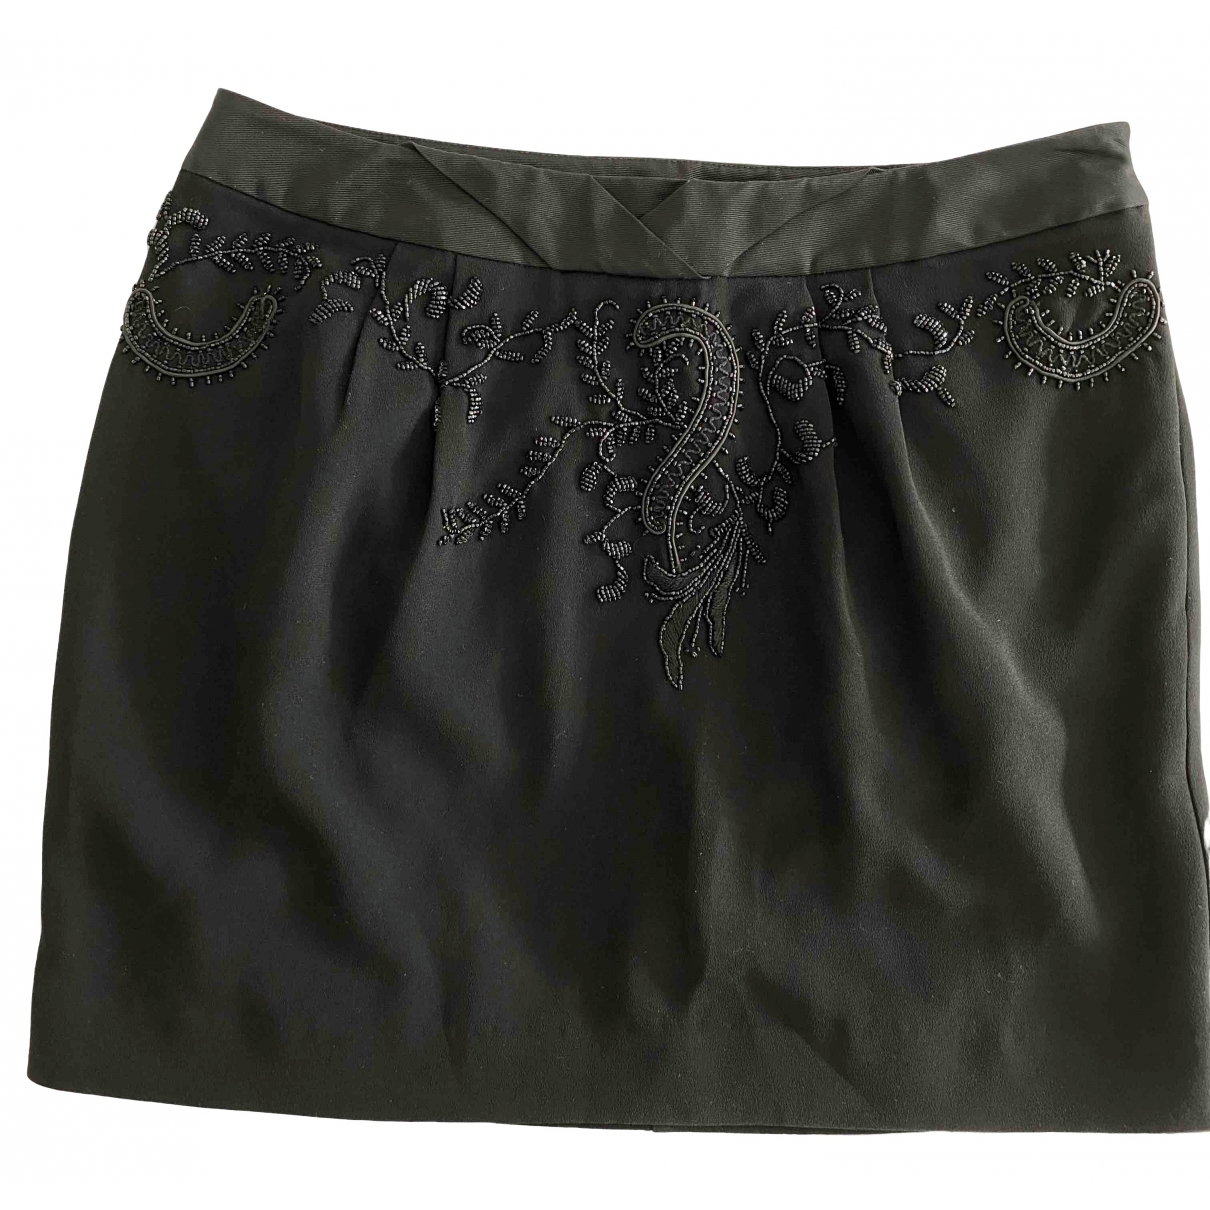 Karen Millen \N Black skirt for Women 14 UK